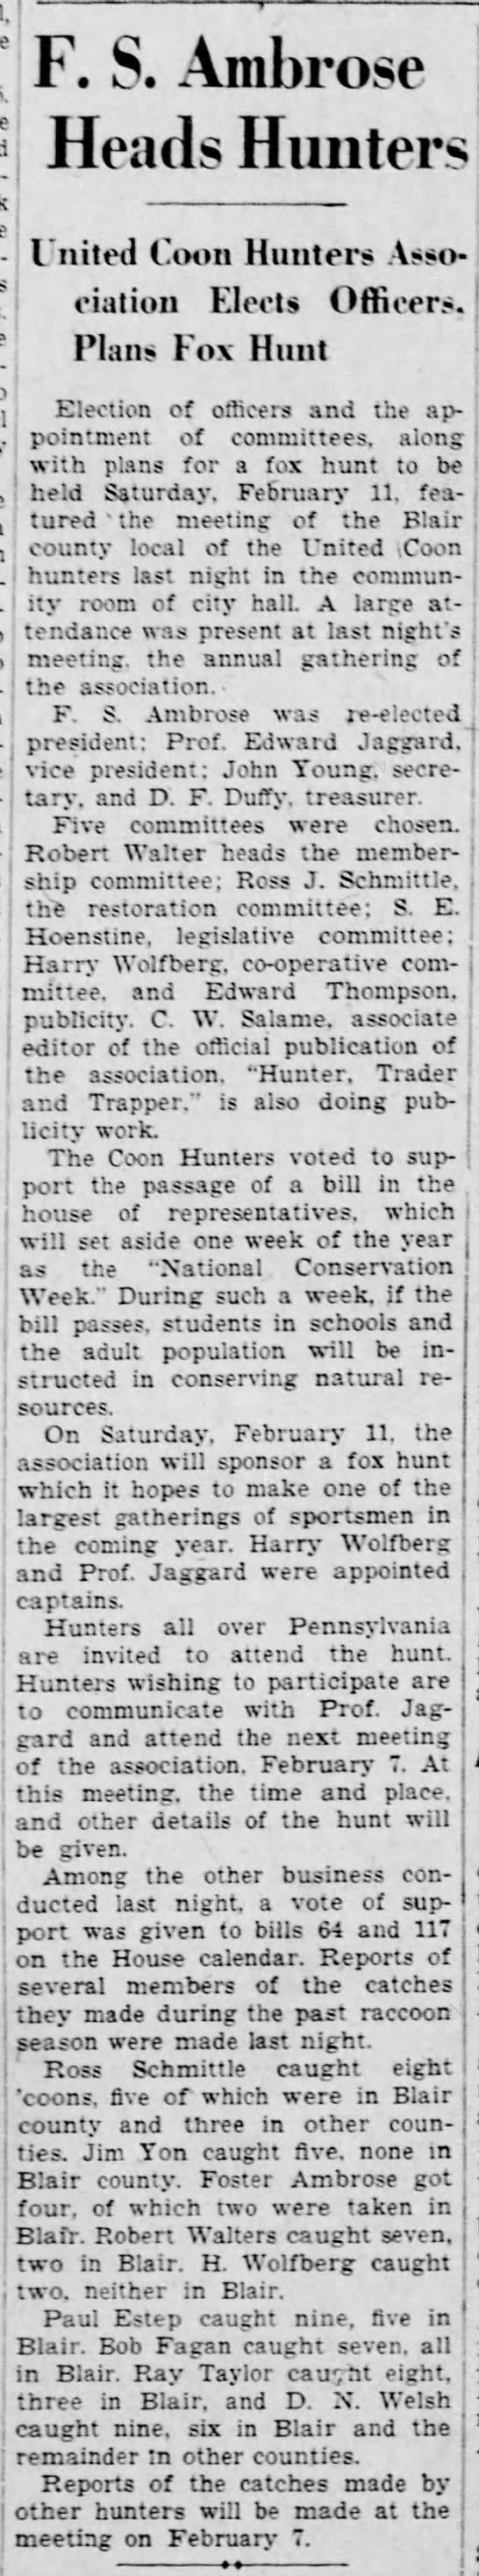 Harry involved in fox hunt-24 Jan 1933 -